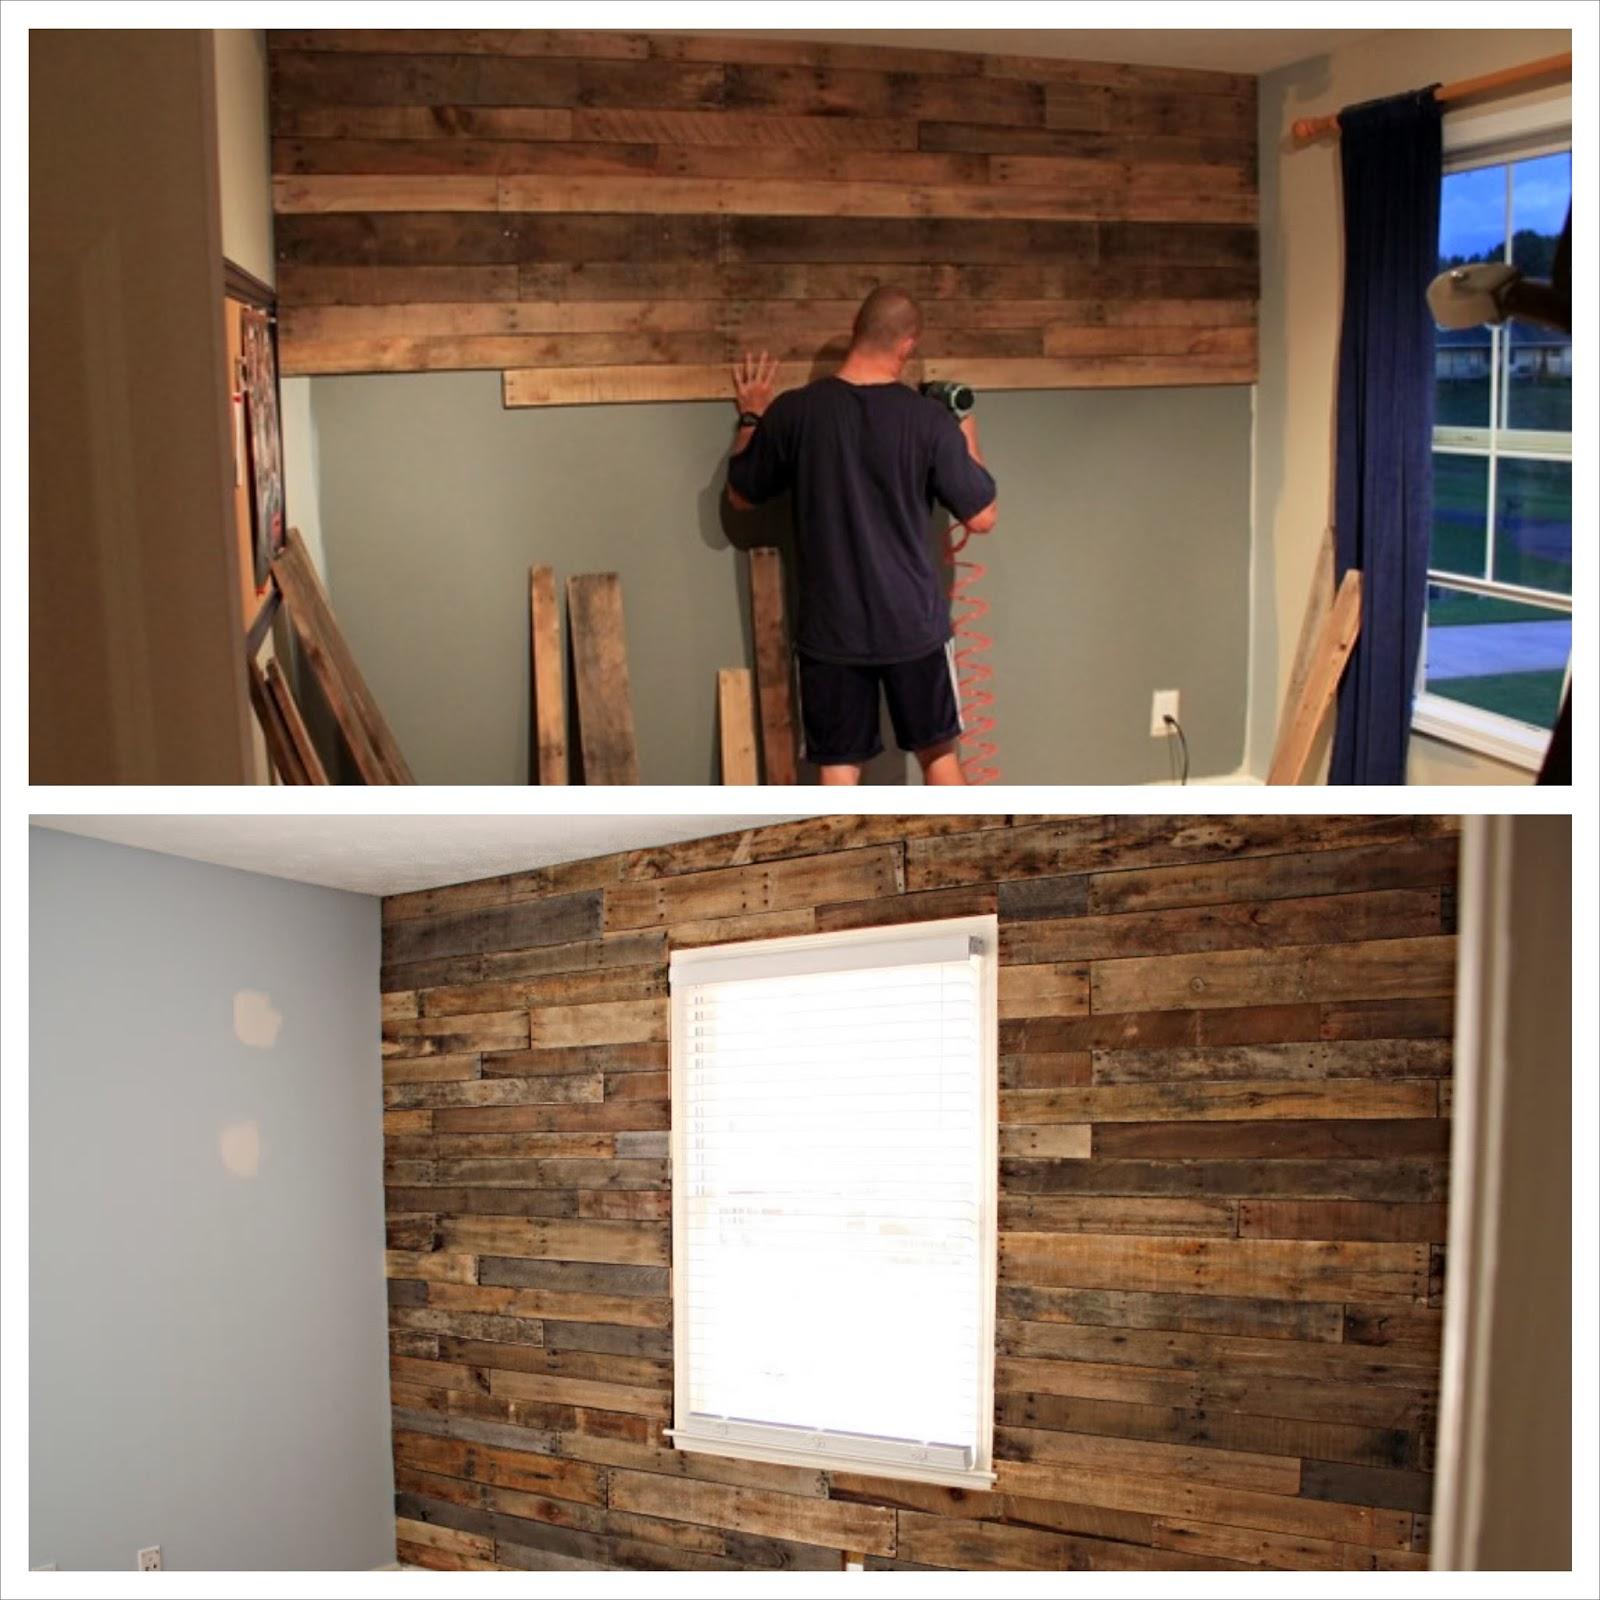 Blog de tu d a con amor invitaciones y detalles de boda - Forrar paredes de madera ...